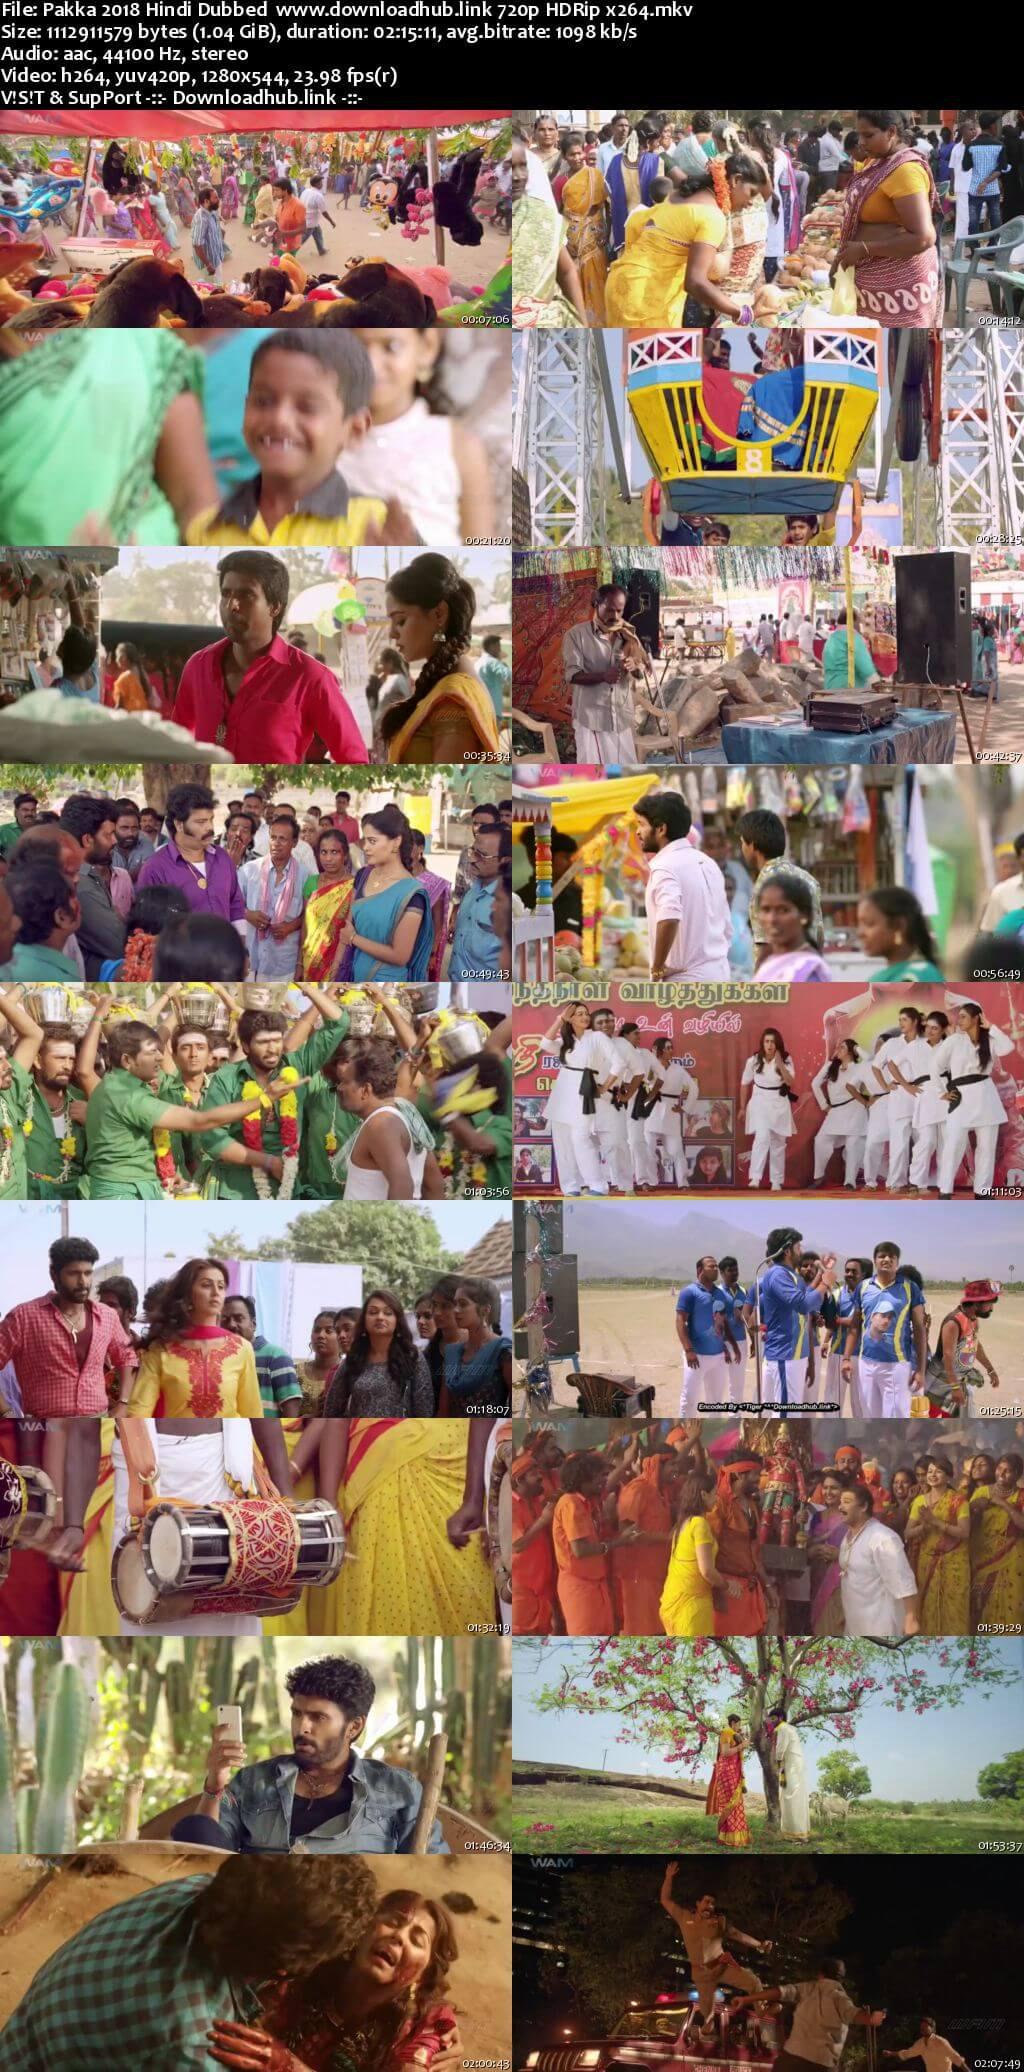 Pakka 2018 Hindi Dubbed 720p HDRip x264